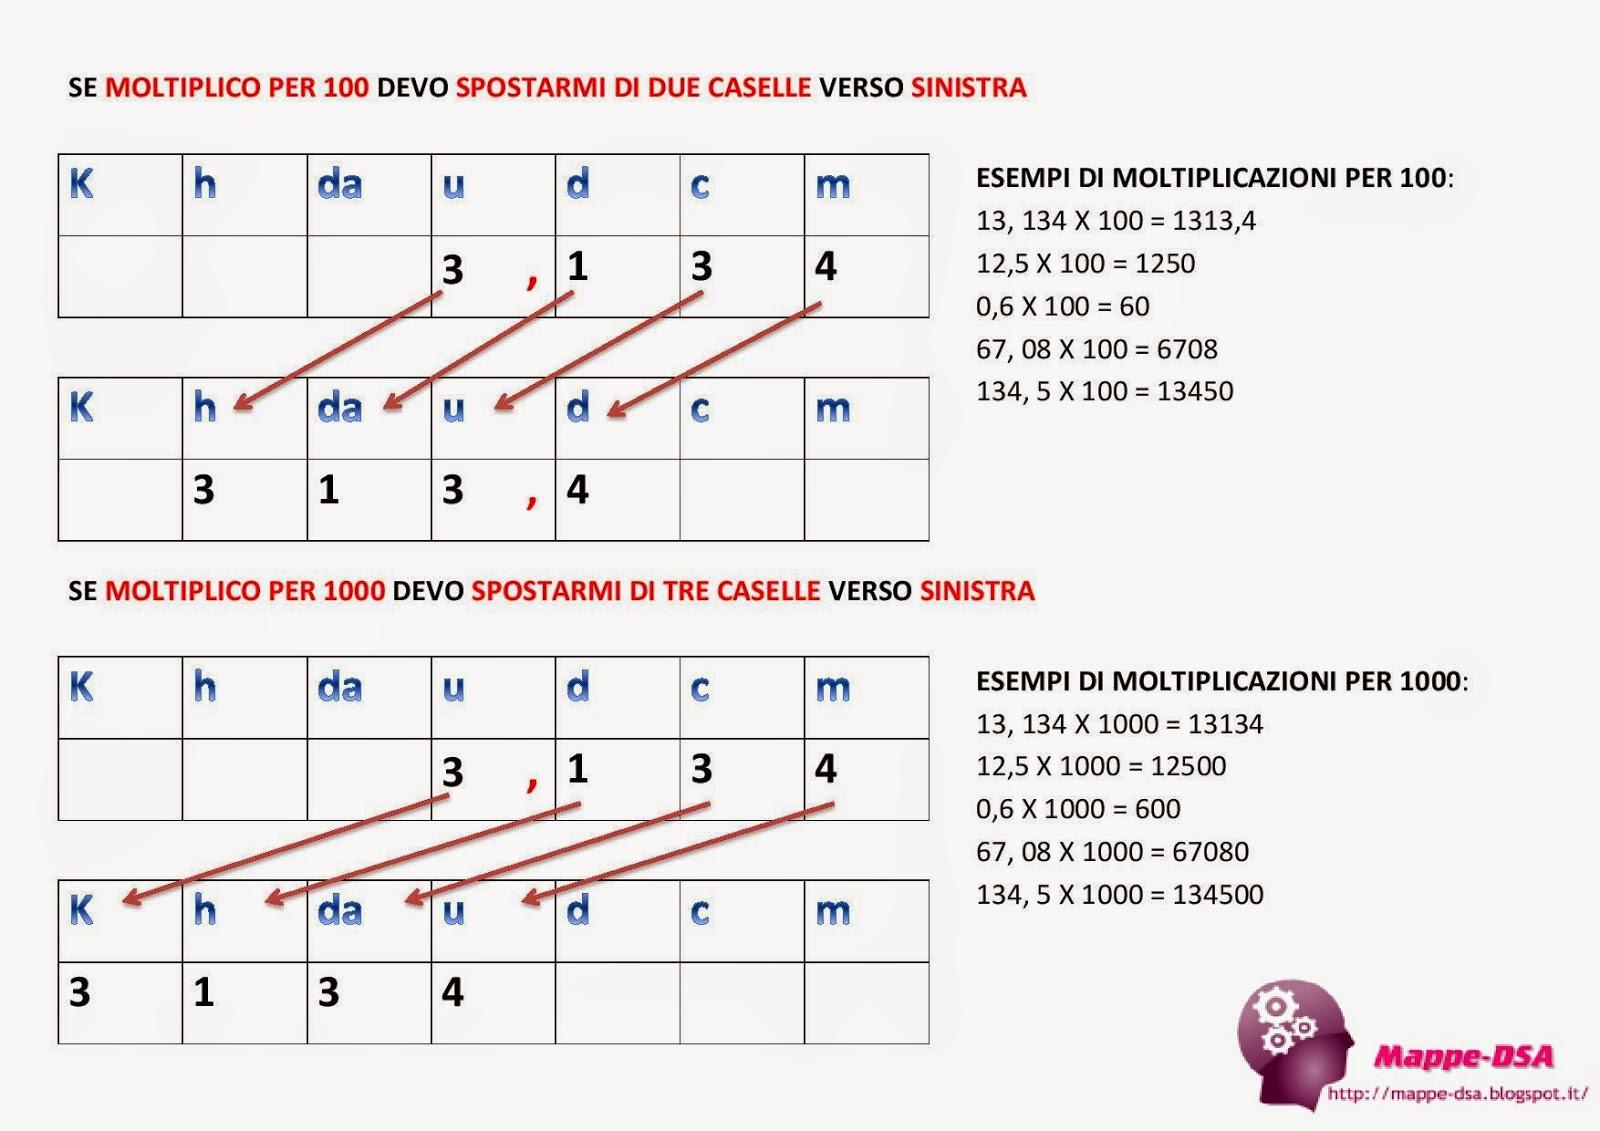 mappa schema tabella dsa dislessia moltiplicazioni 10 100 1000 matematica elementari